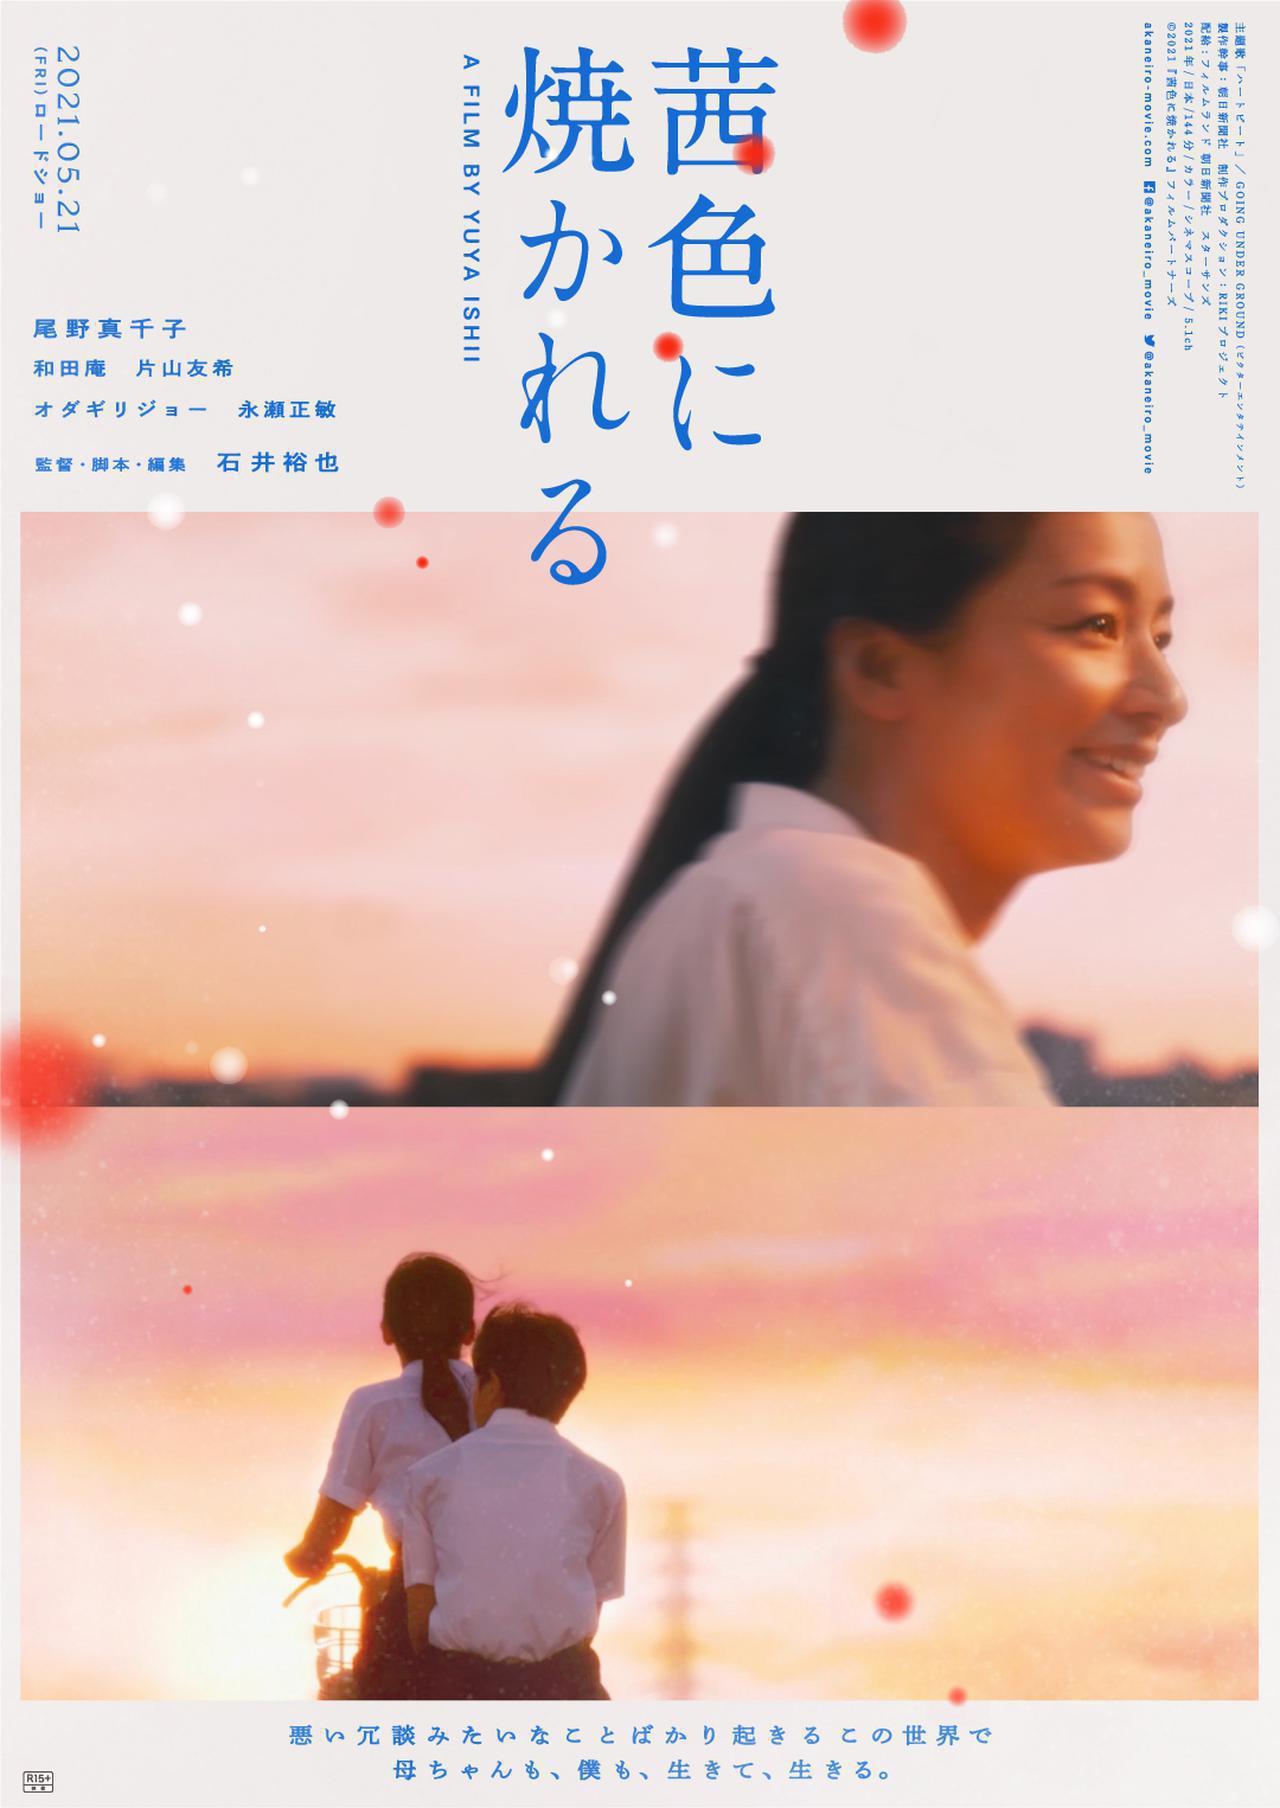 画像: 尾野真千子が「自分にとって最高の映画です。映画館で観てほしい!」と大粒の涙を浮かべながら訴えた石井裕也監督『茜色に焼かれる』完成報告会レポート!